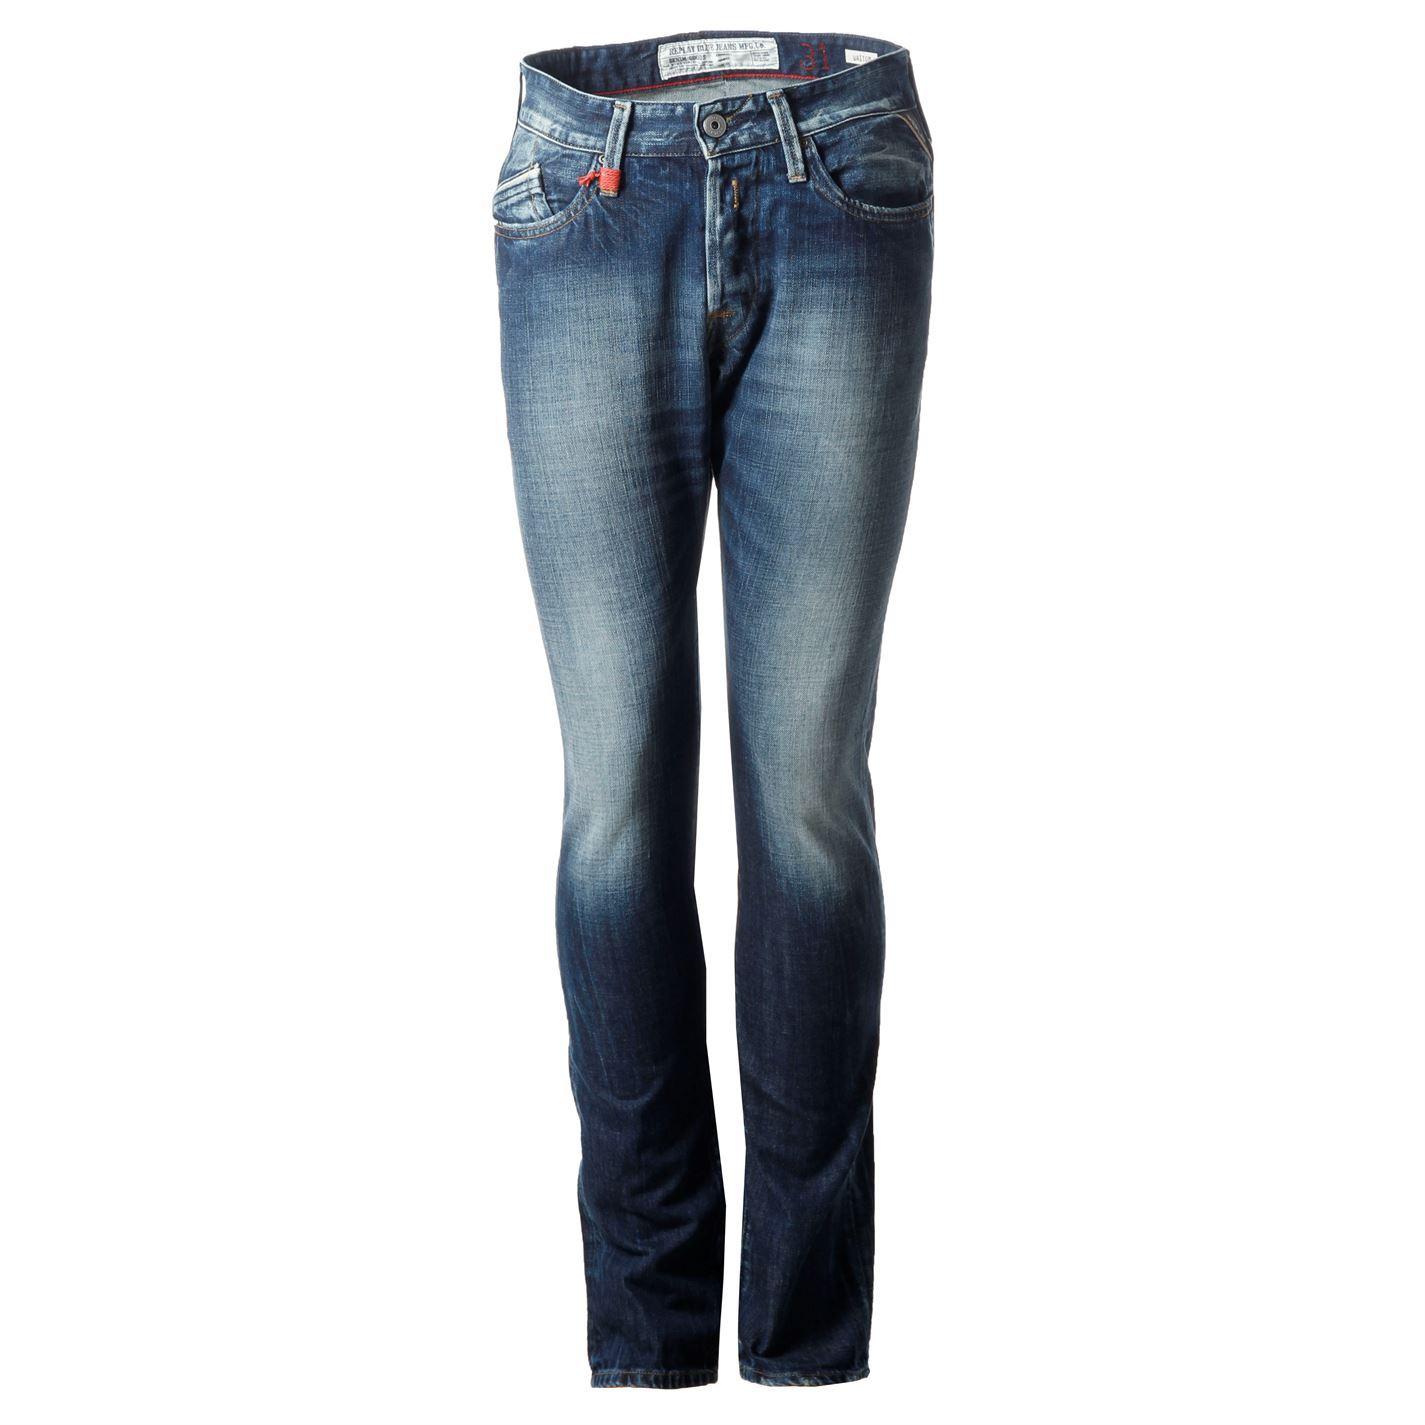 Mens Diesel Jeans Outlet